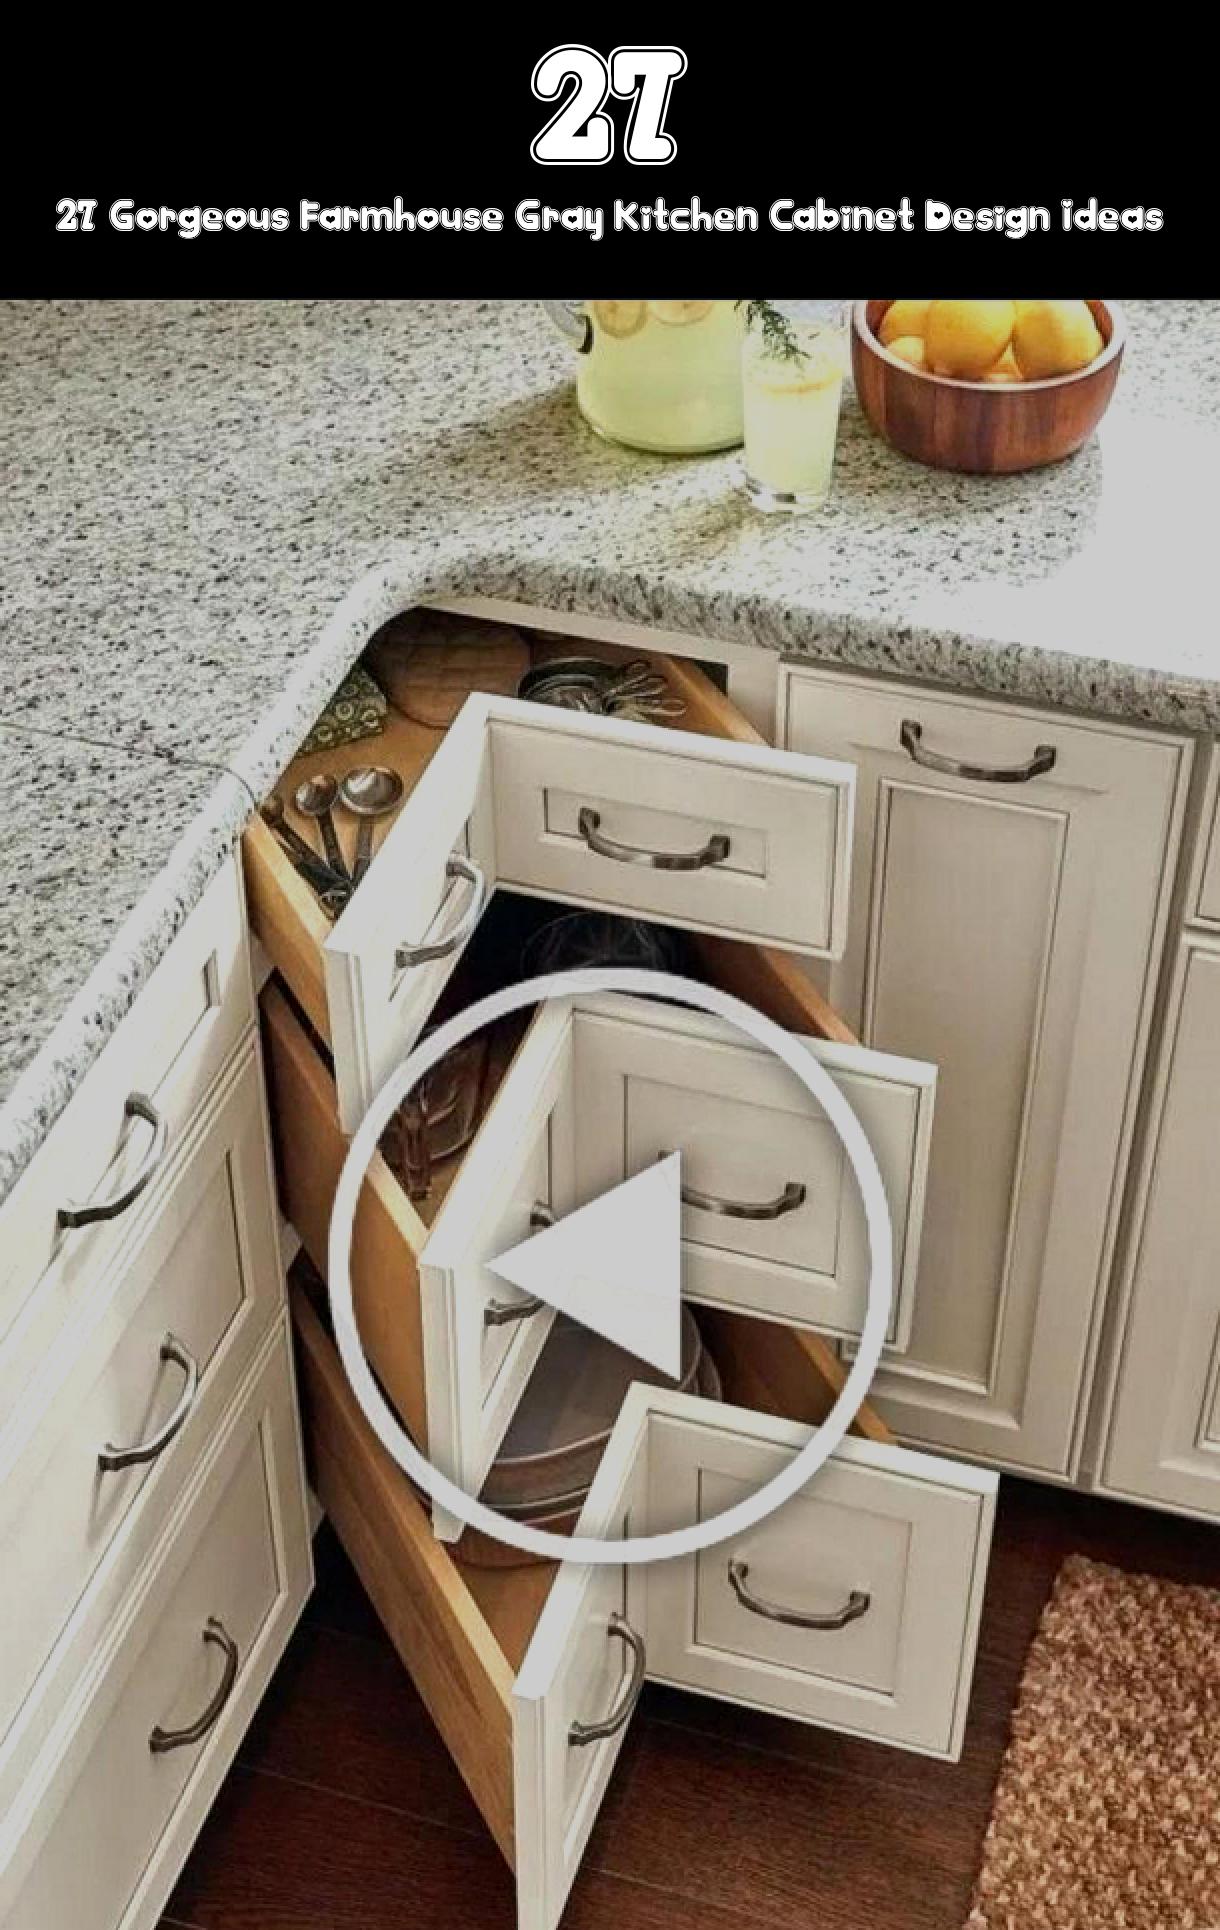 Tumblr In 2020 Rustic Storage Kitchen Cabinet Design Grey Kitchen Cabinets